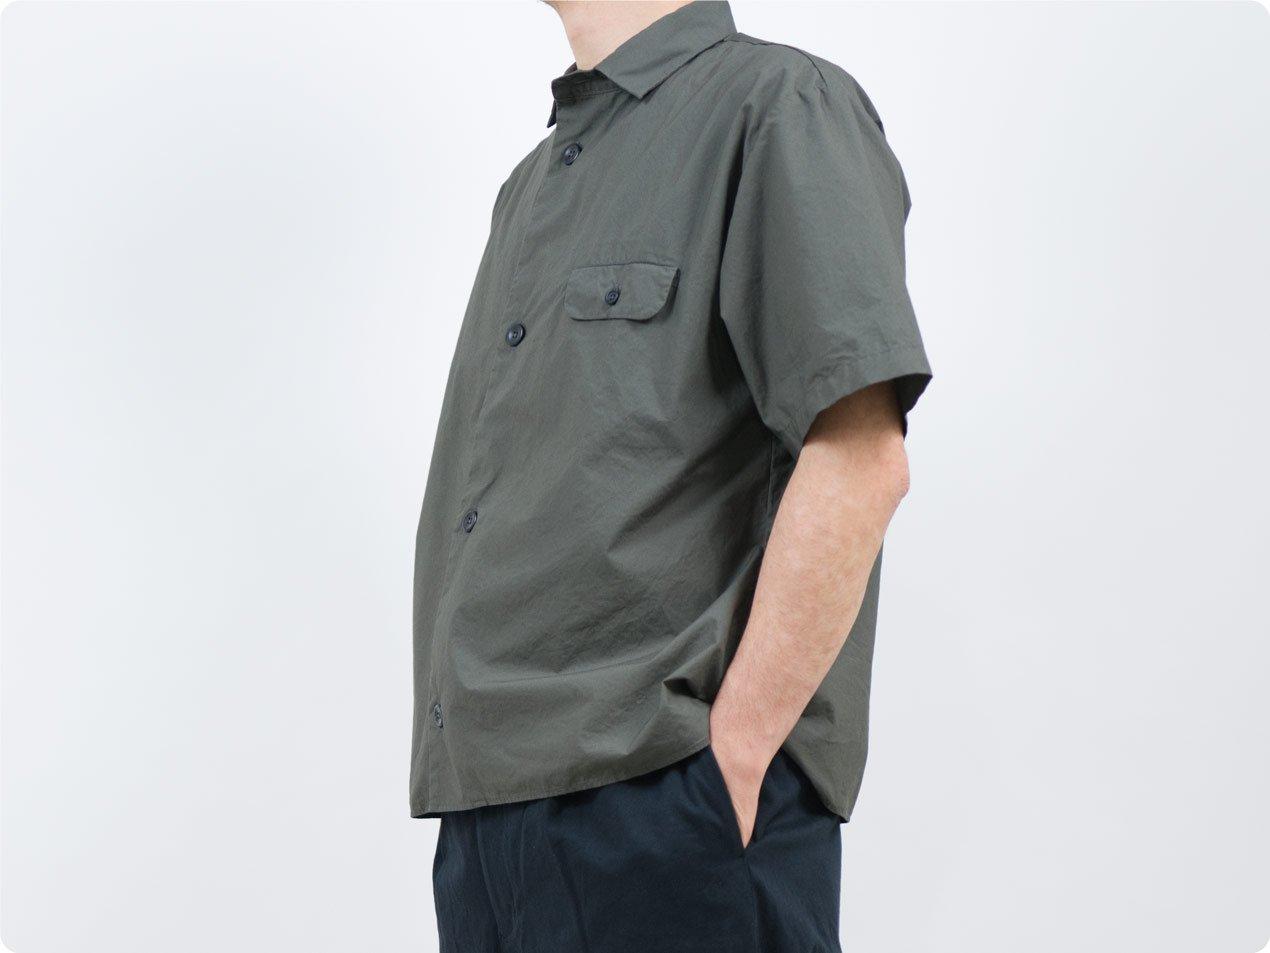 LOLO ステッチなし半袖シャツ CHARCOAL